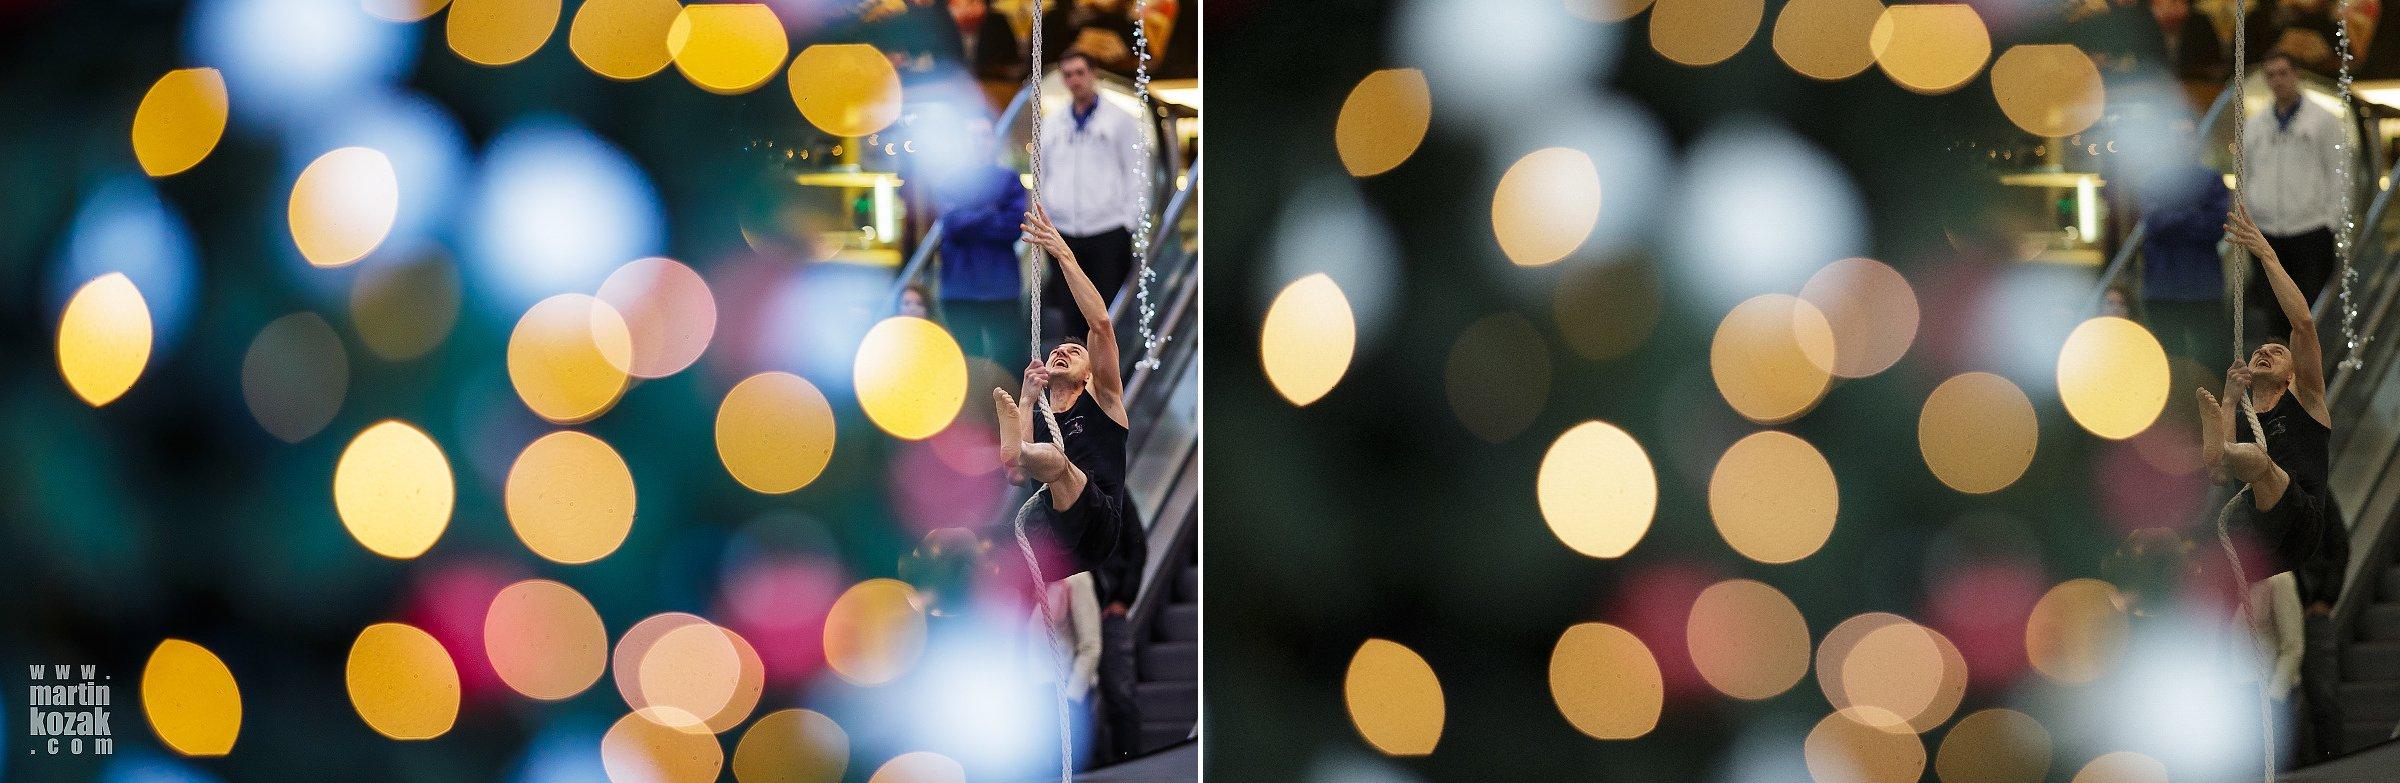 Vyvážení bílé, barevné zvýraznění bokehových kroužků na vánočním stromku v popředí